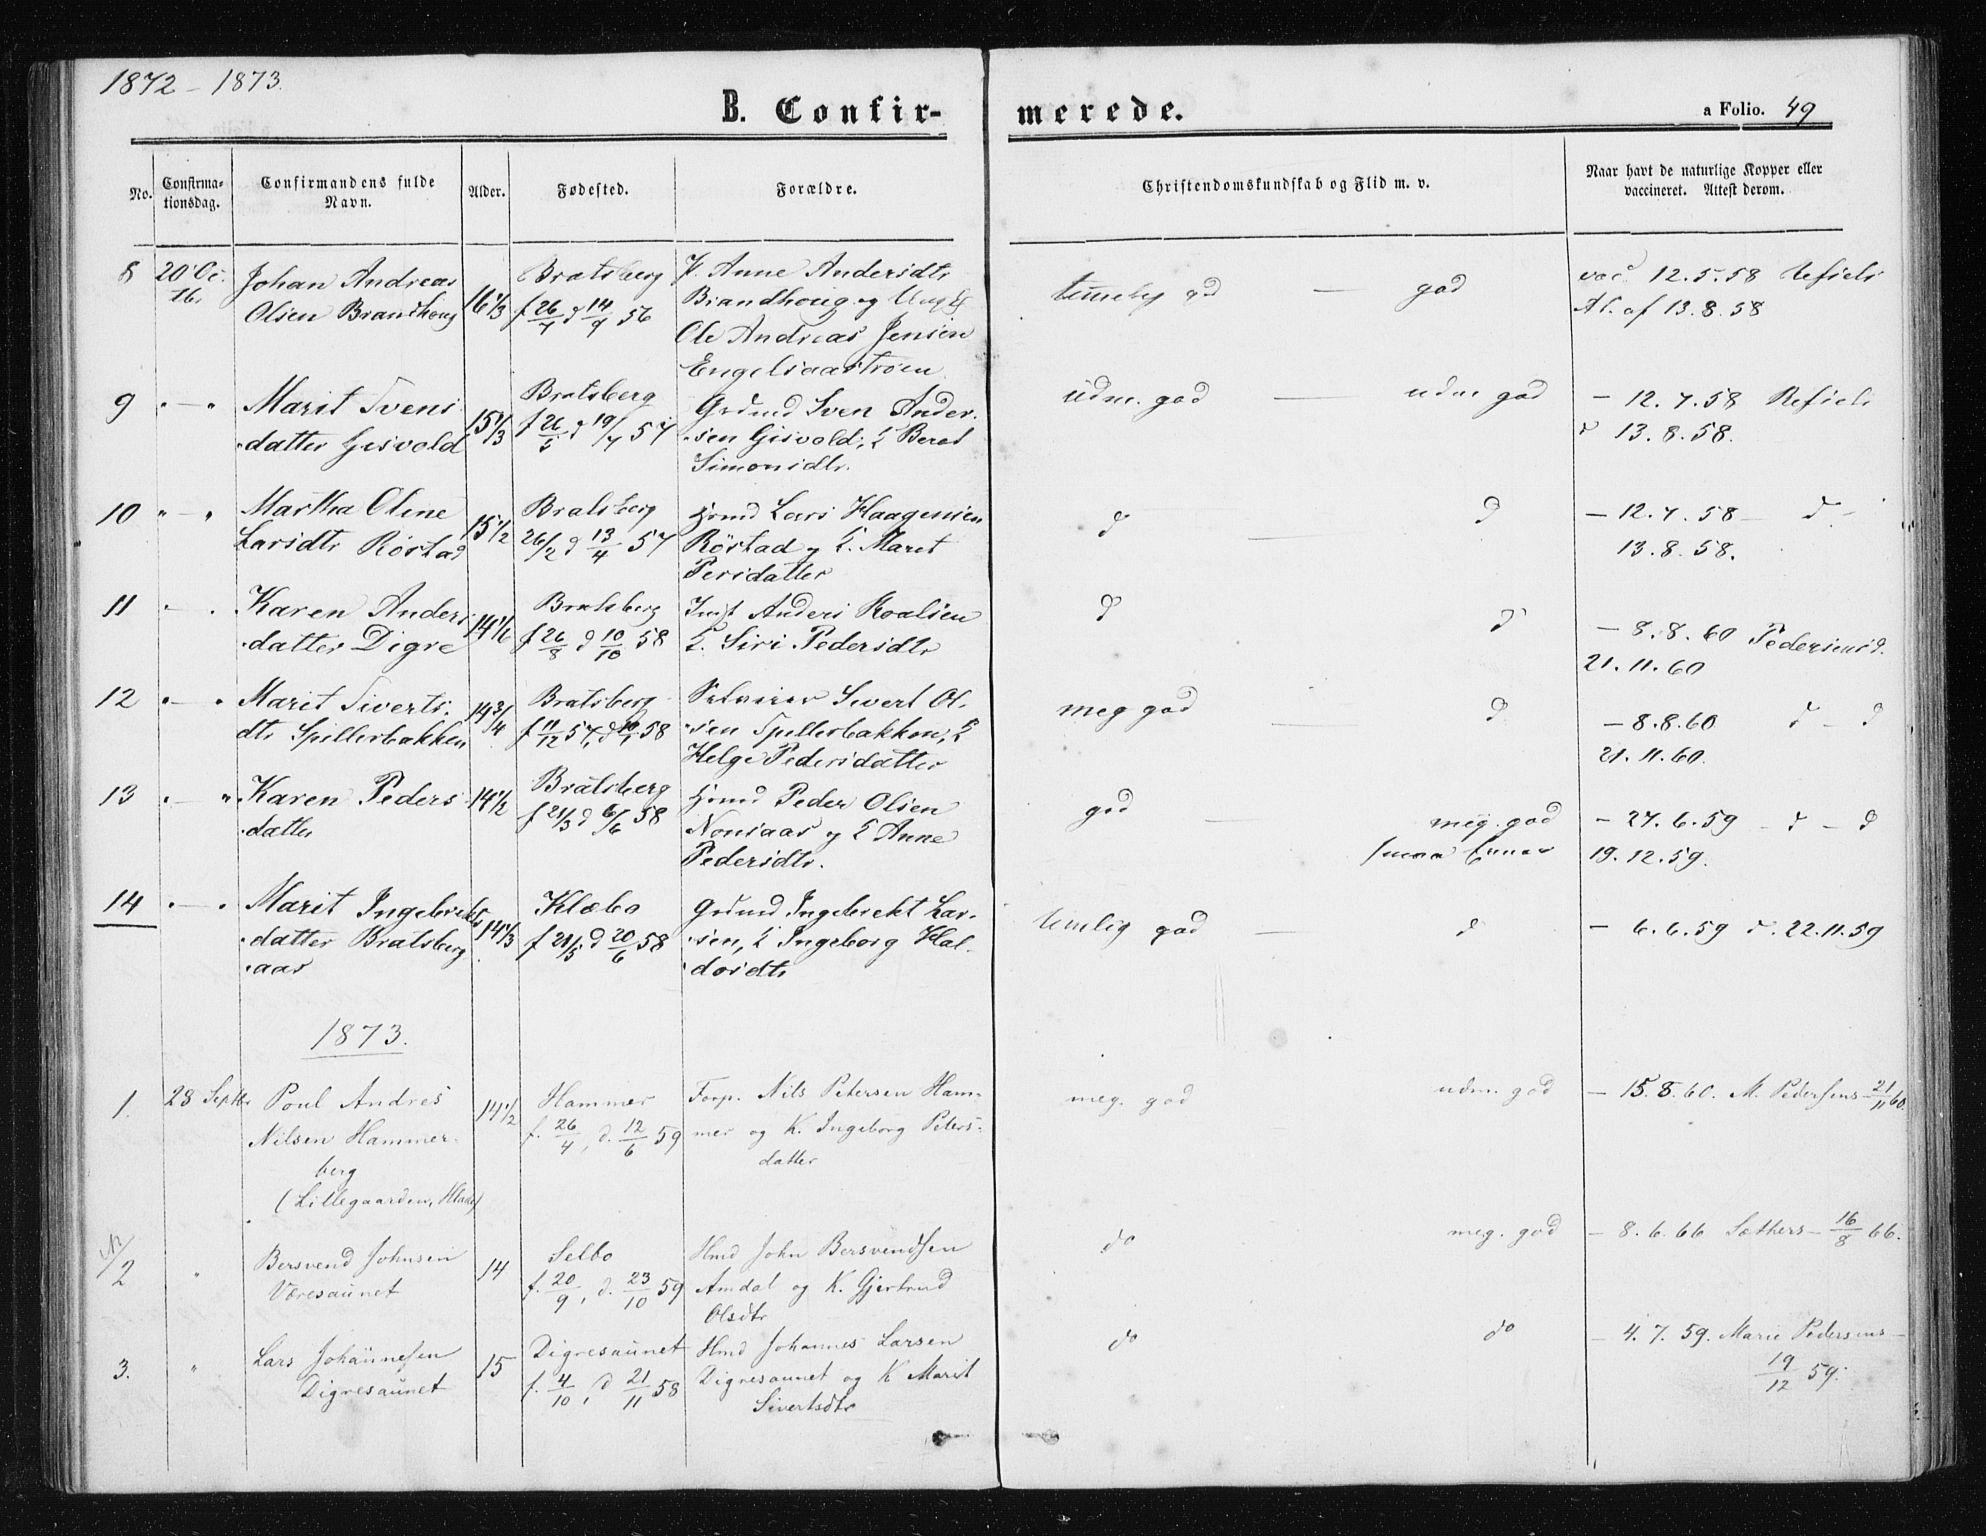 SAT, Ministerialprotokoller, klokkerbøker og fødselsregistre - Sør-Trøndelag, 608/L0333: Ministerialbok nr. 608A02, 1862-1876, s. 49